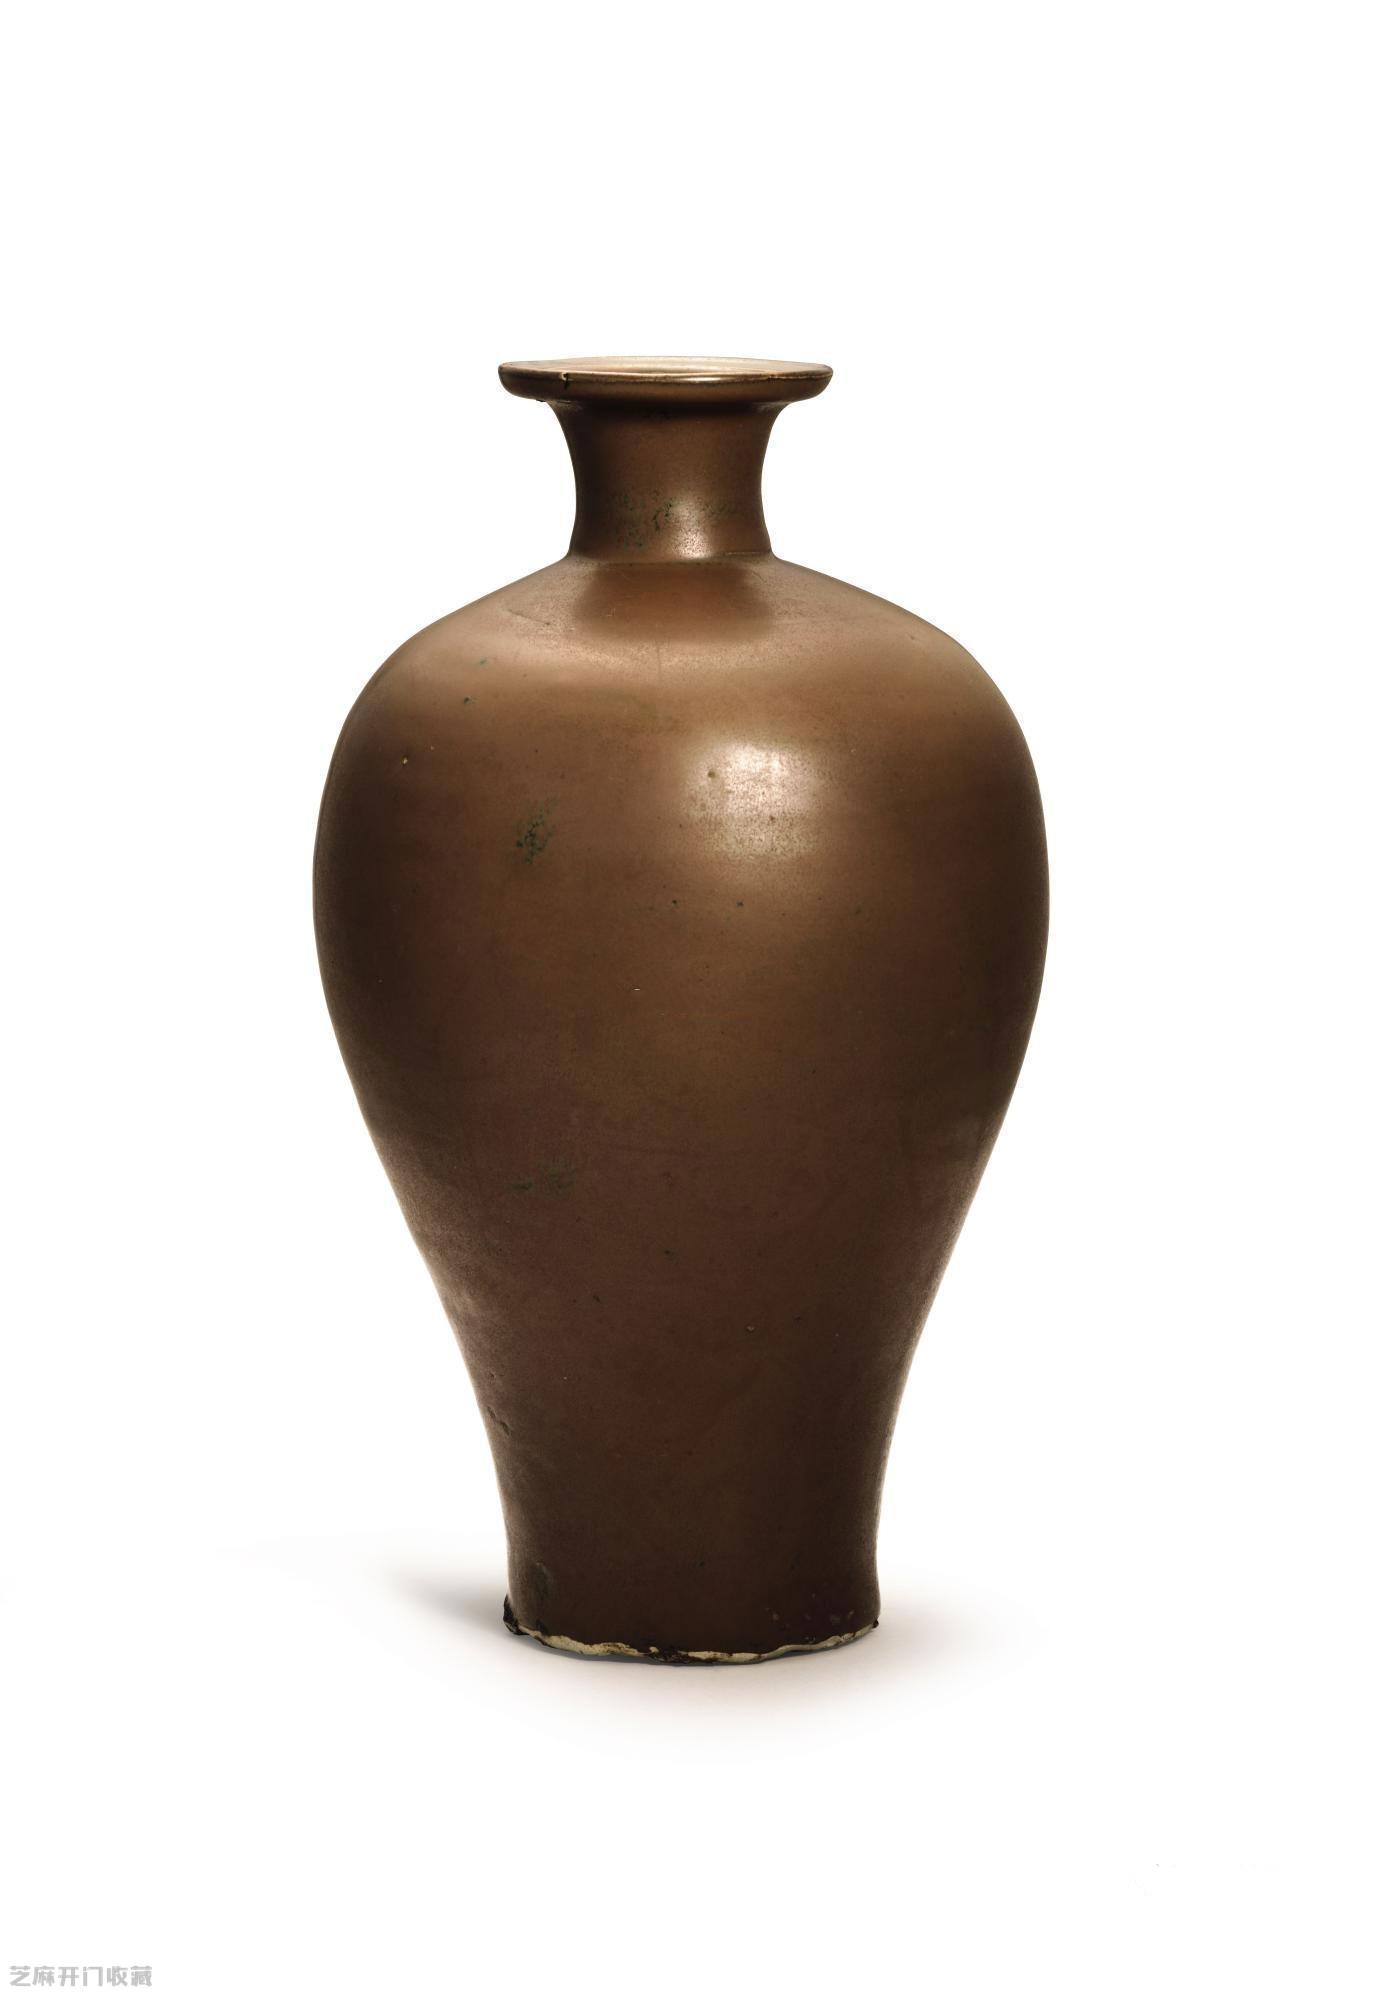 耀州窑瓷器市场